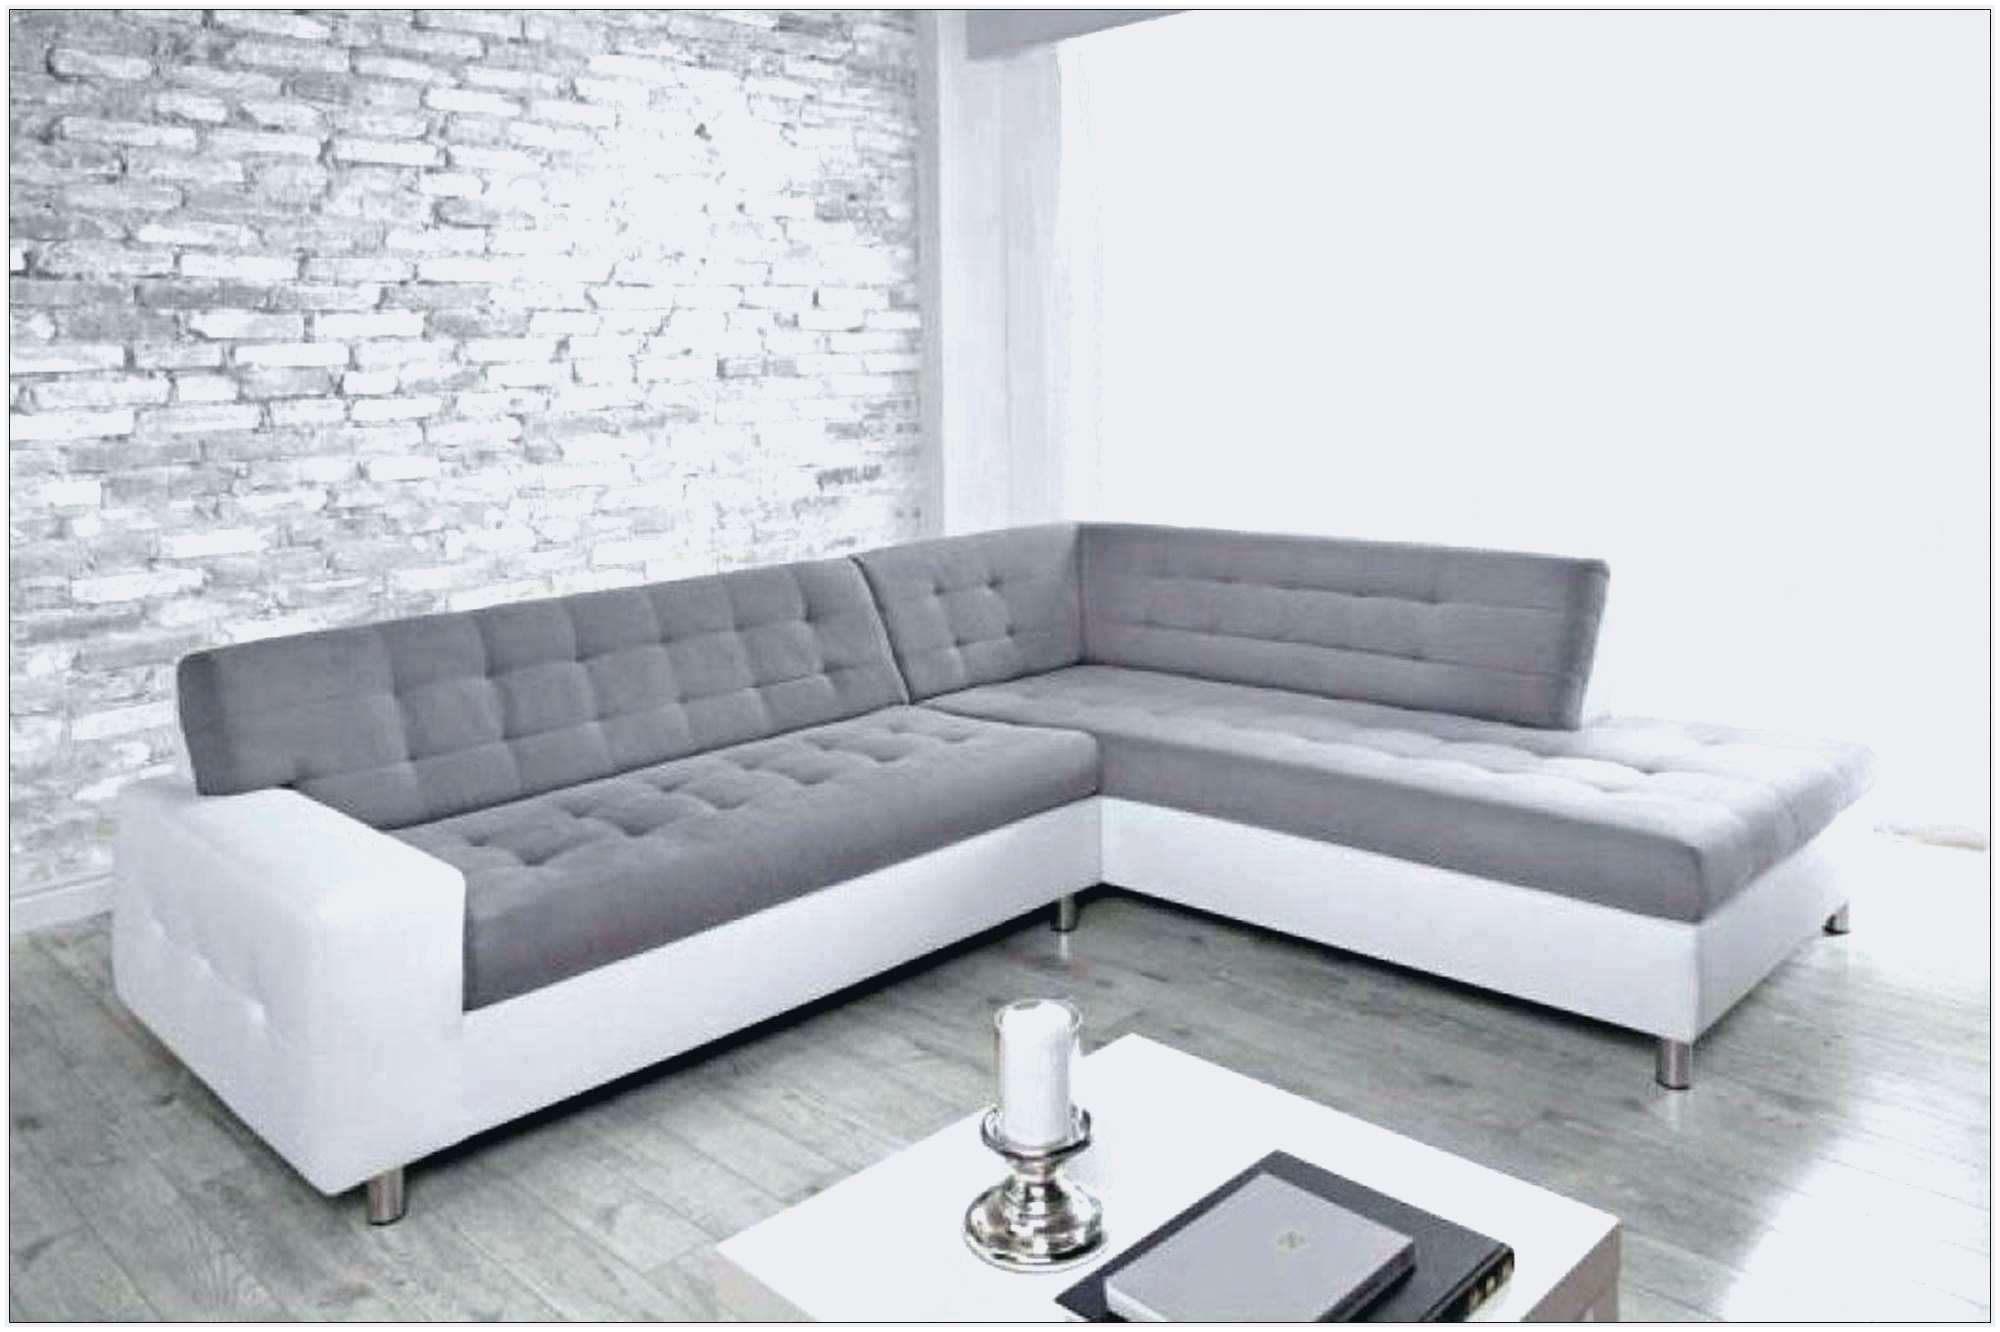 Lit Superposé 3 Couchages Bel Inspiré Ikea Canapé D Angle Convertible Beau Image Lit 2 Places 25